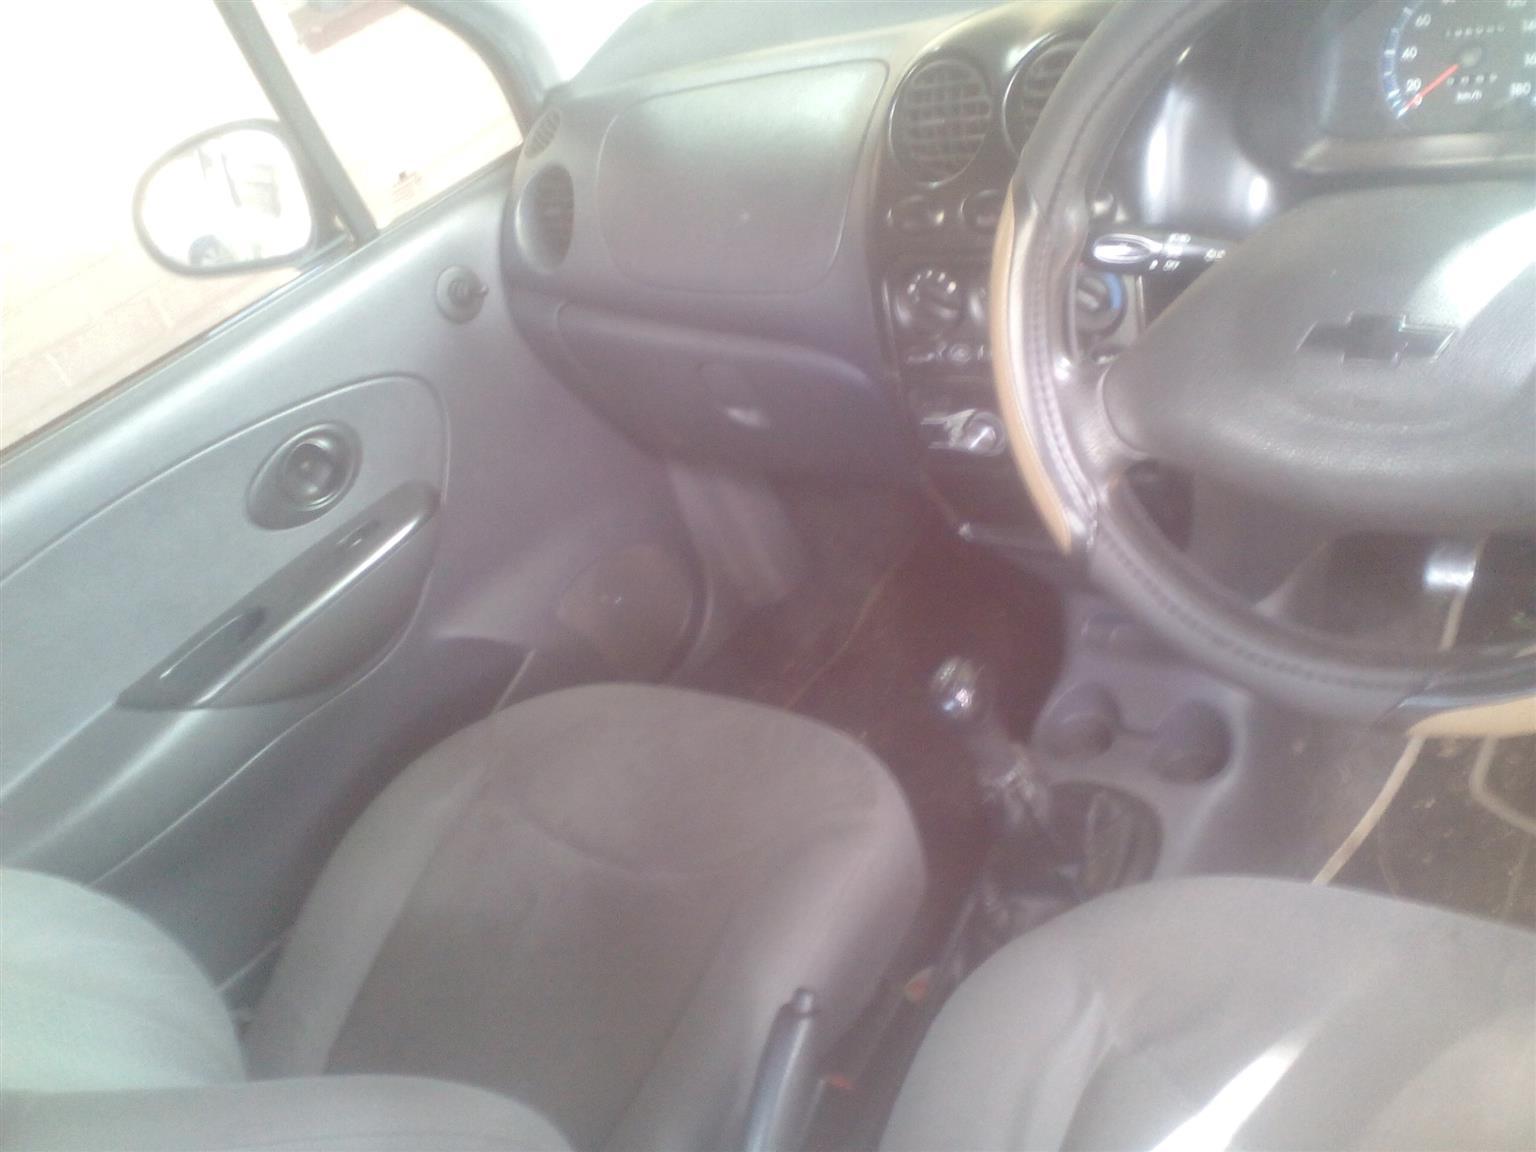 2005 Chevrolet Spark 0.8